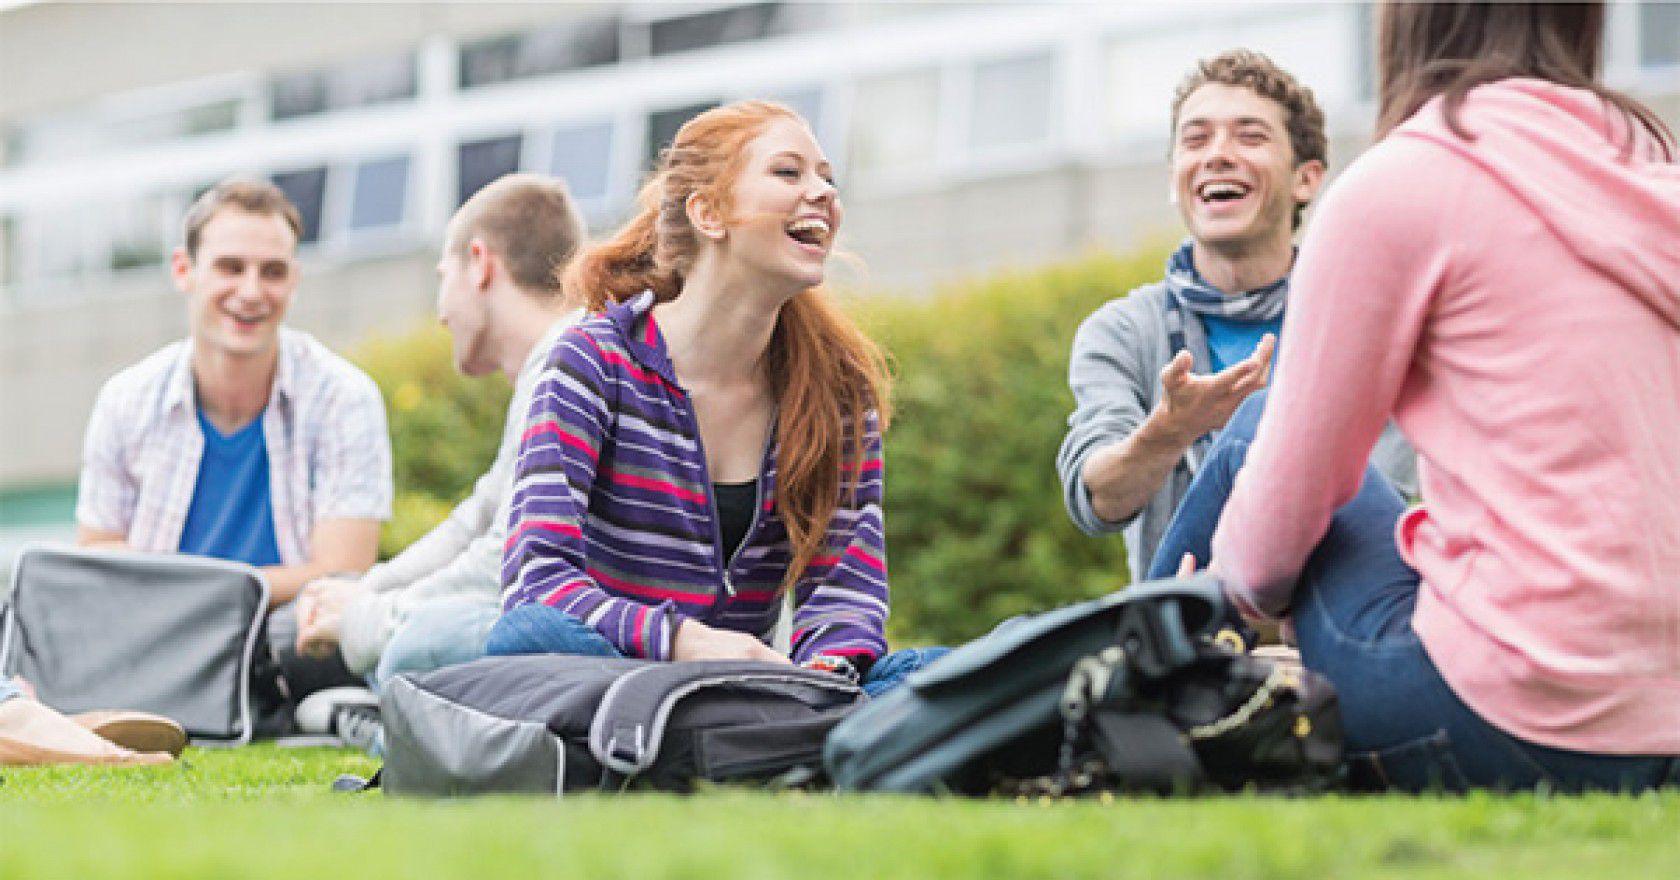 Avustralya'da Lise Eğitimi Öğrencilere Ne Gibi Avantajlar Sağlıyor?